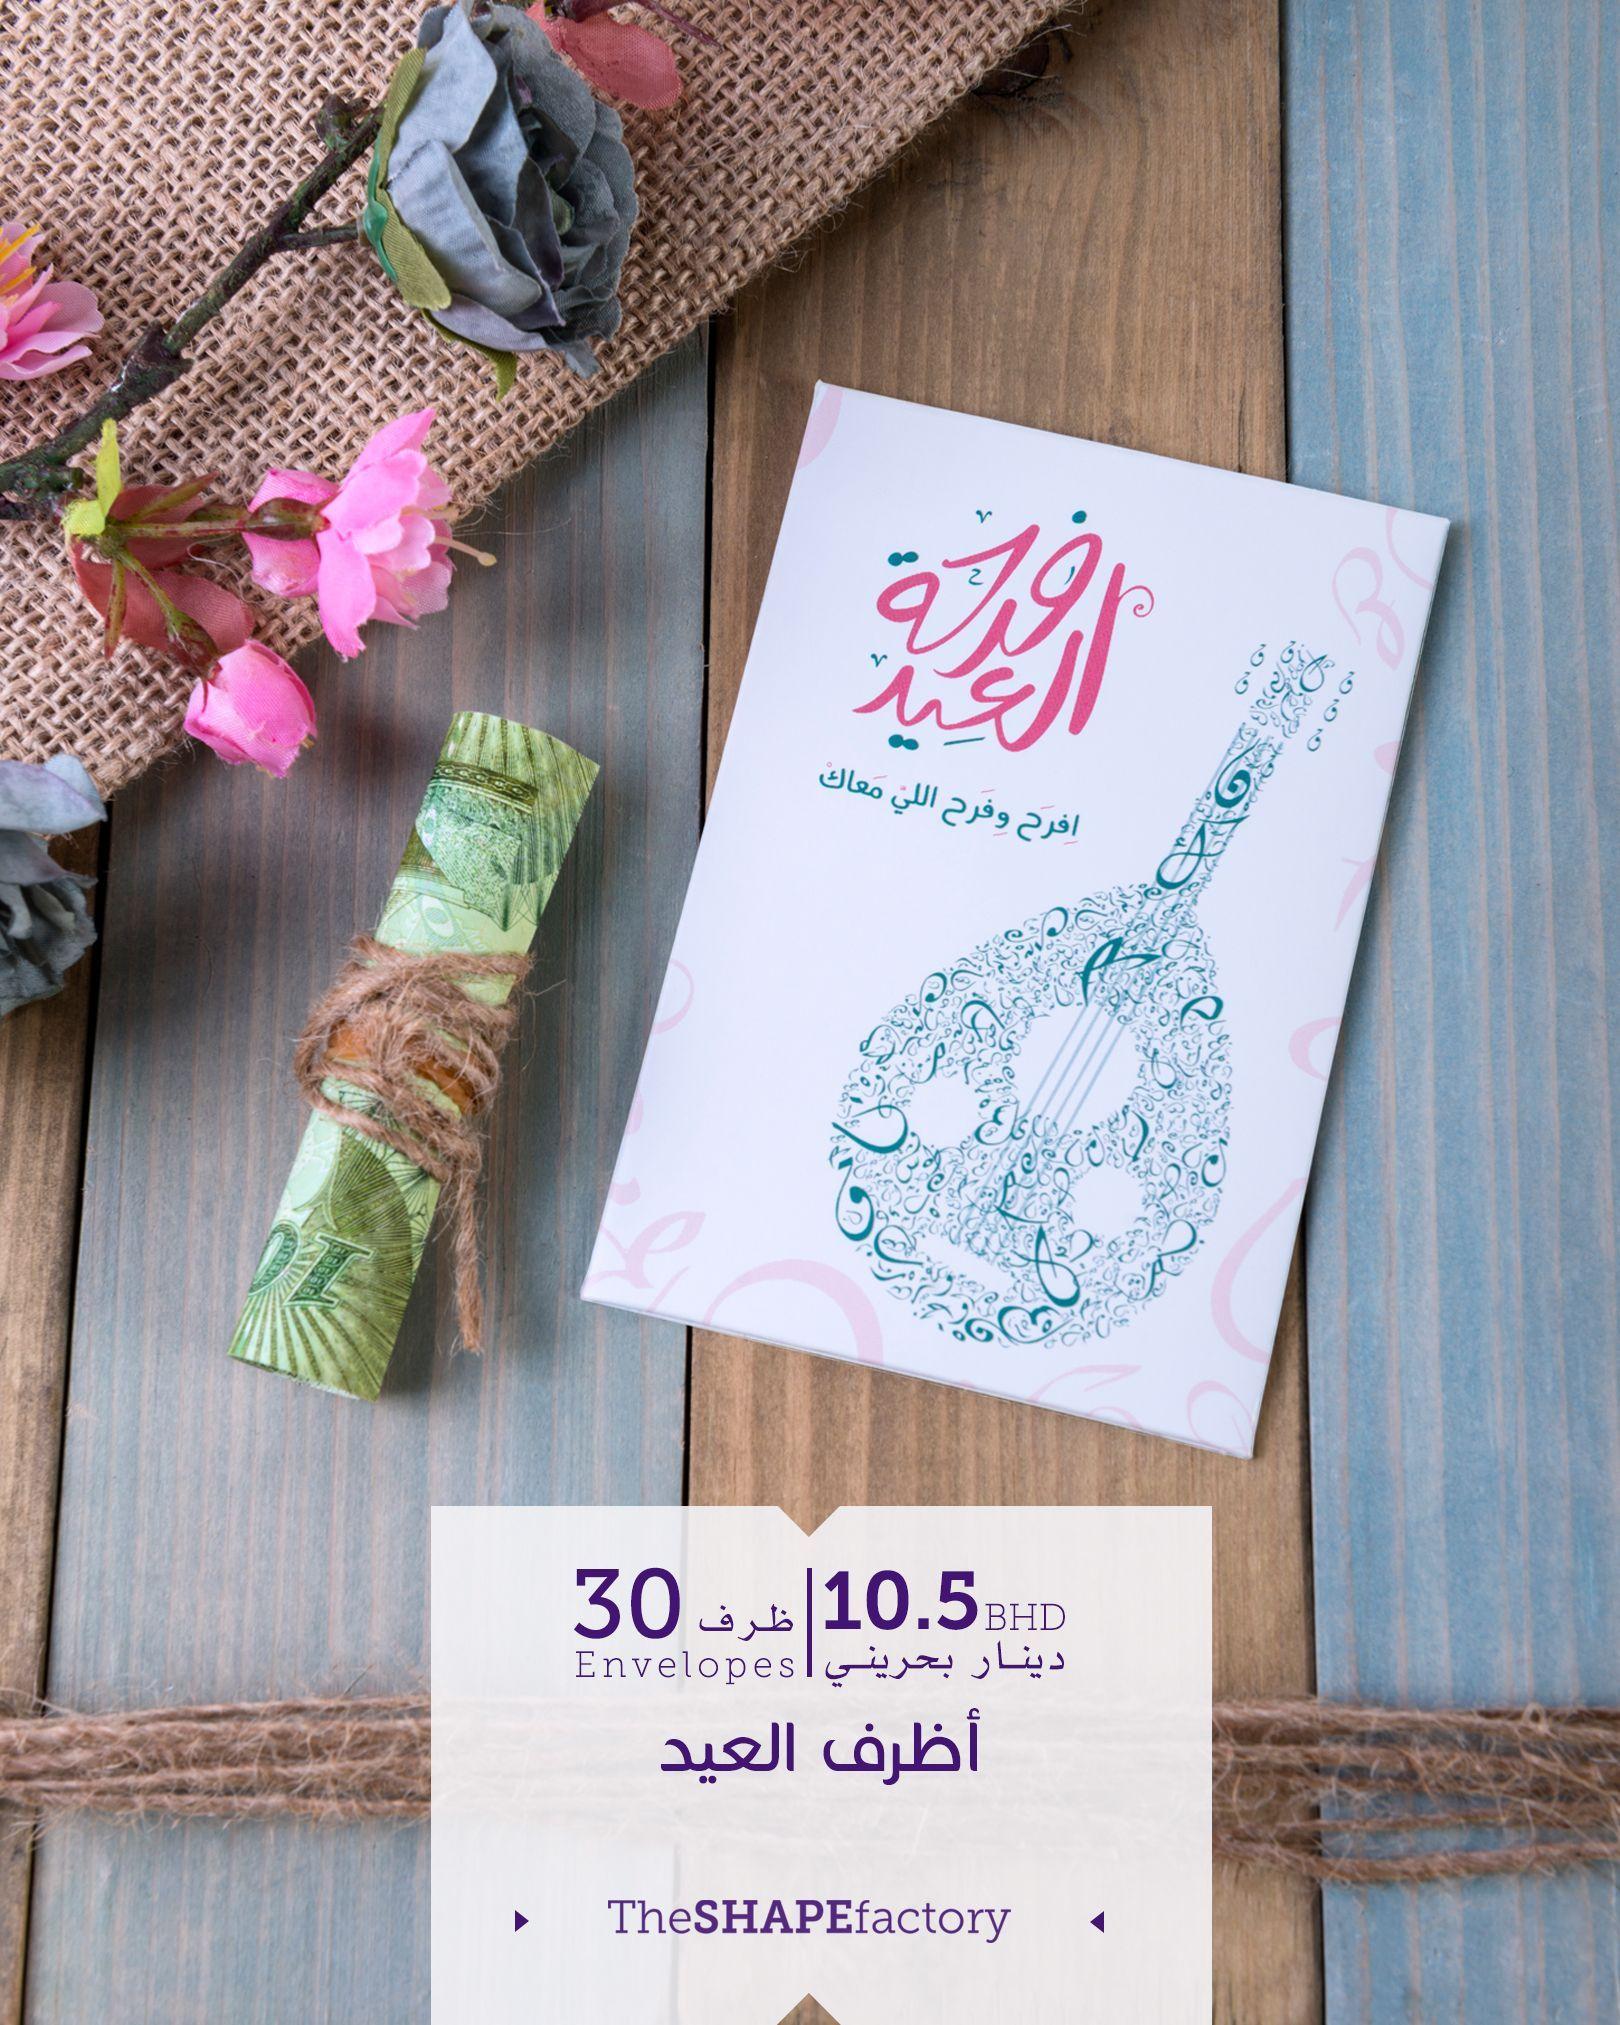 أهلا آهلا بالعيد العيد فرحة وأجمل فرحة تجمع شمل قريب وبعيد Shape Code Nv0019 القياس Book Cover 10 Things Envelope